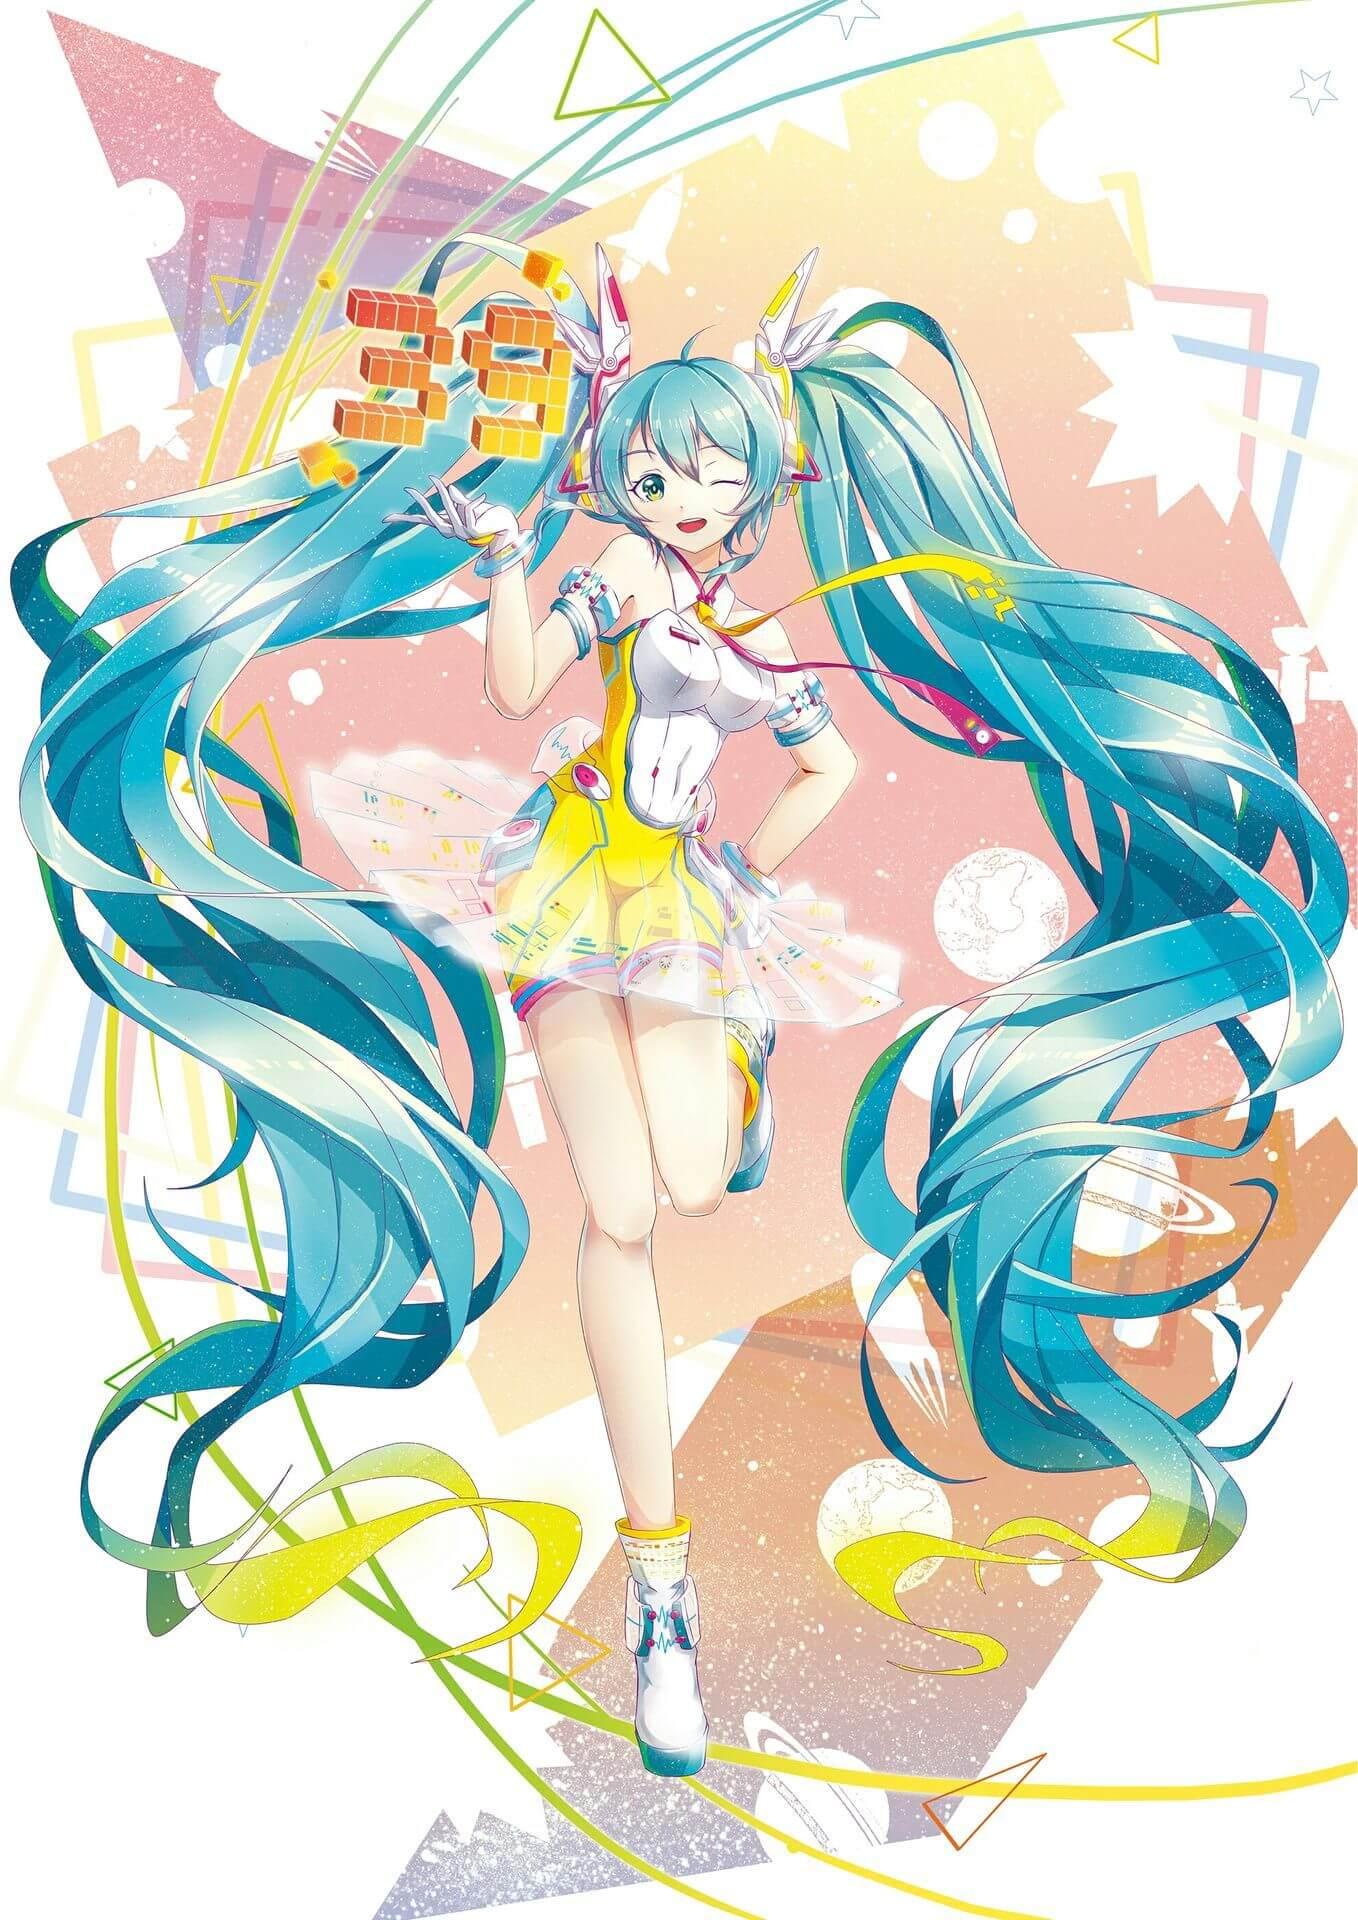 Ảnh Anime nữ tóc xanh dương dài